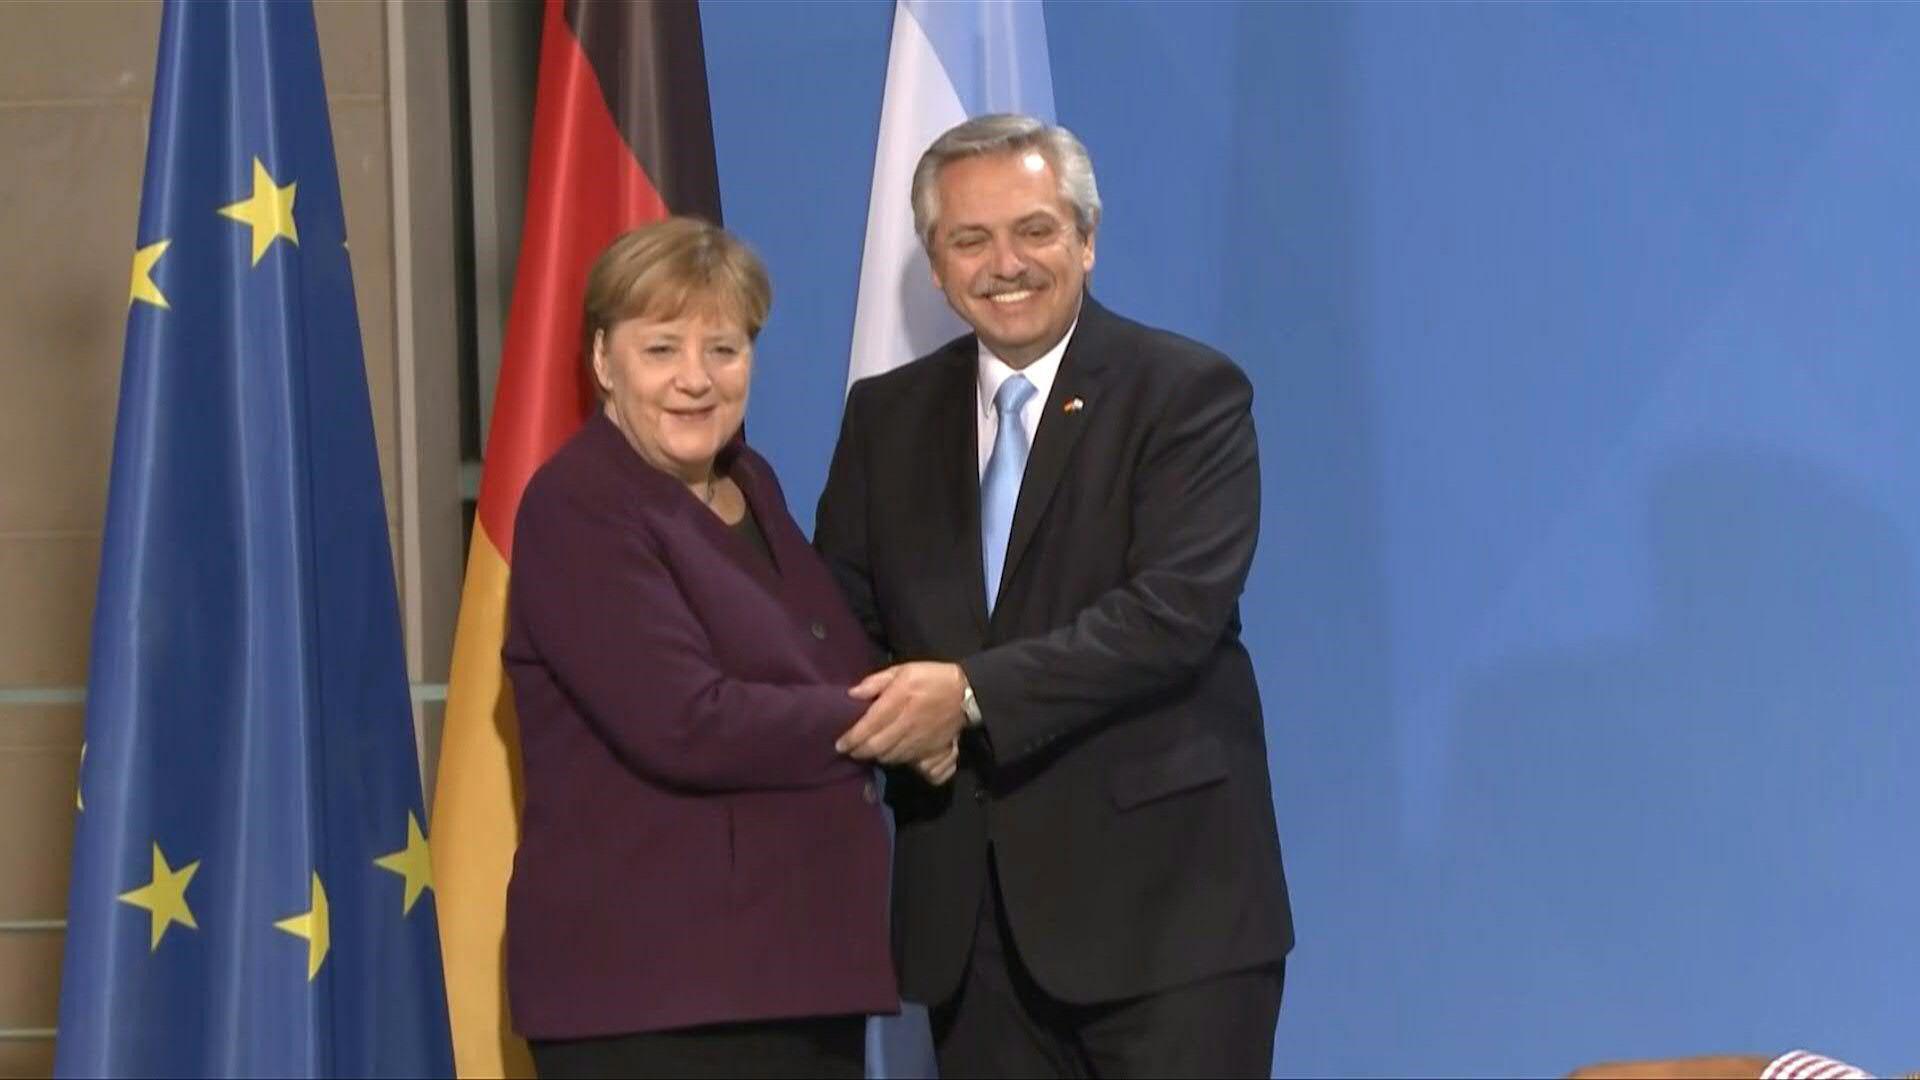 Ángela Merkel y Alberto Fernández en Berlín antes de la cena en la Cancillería alemana